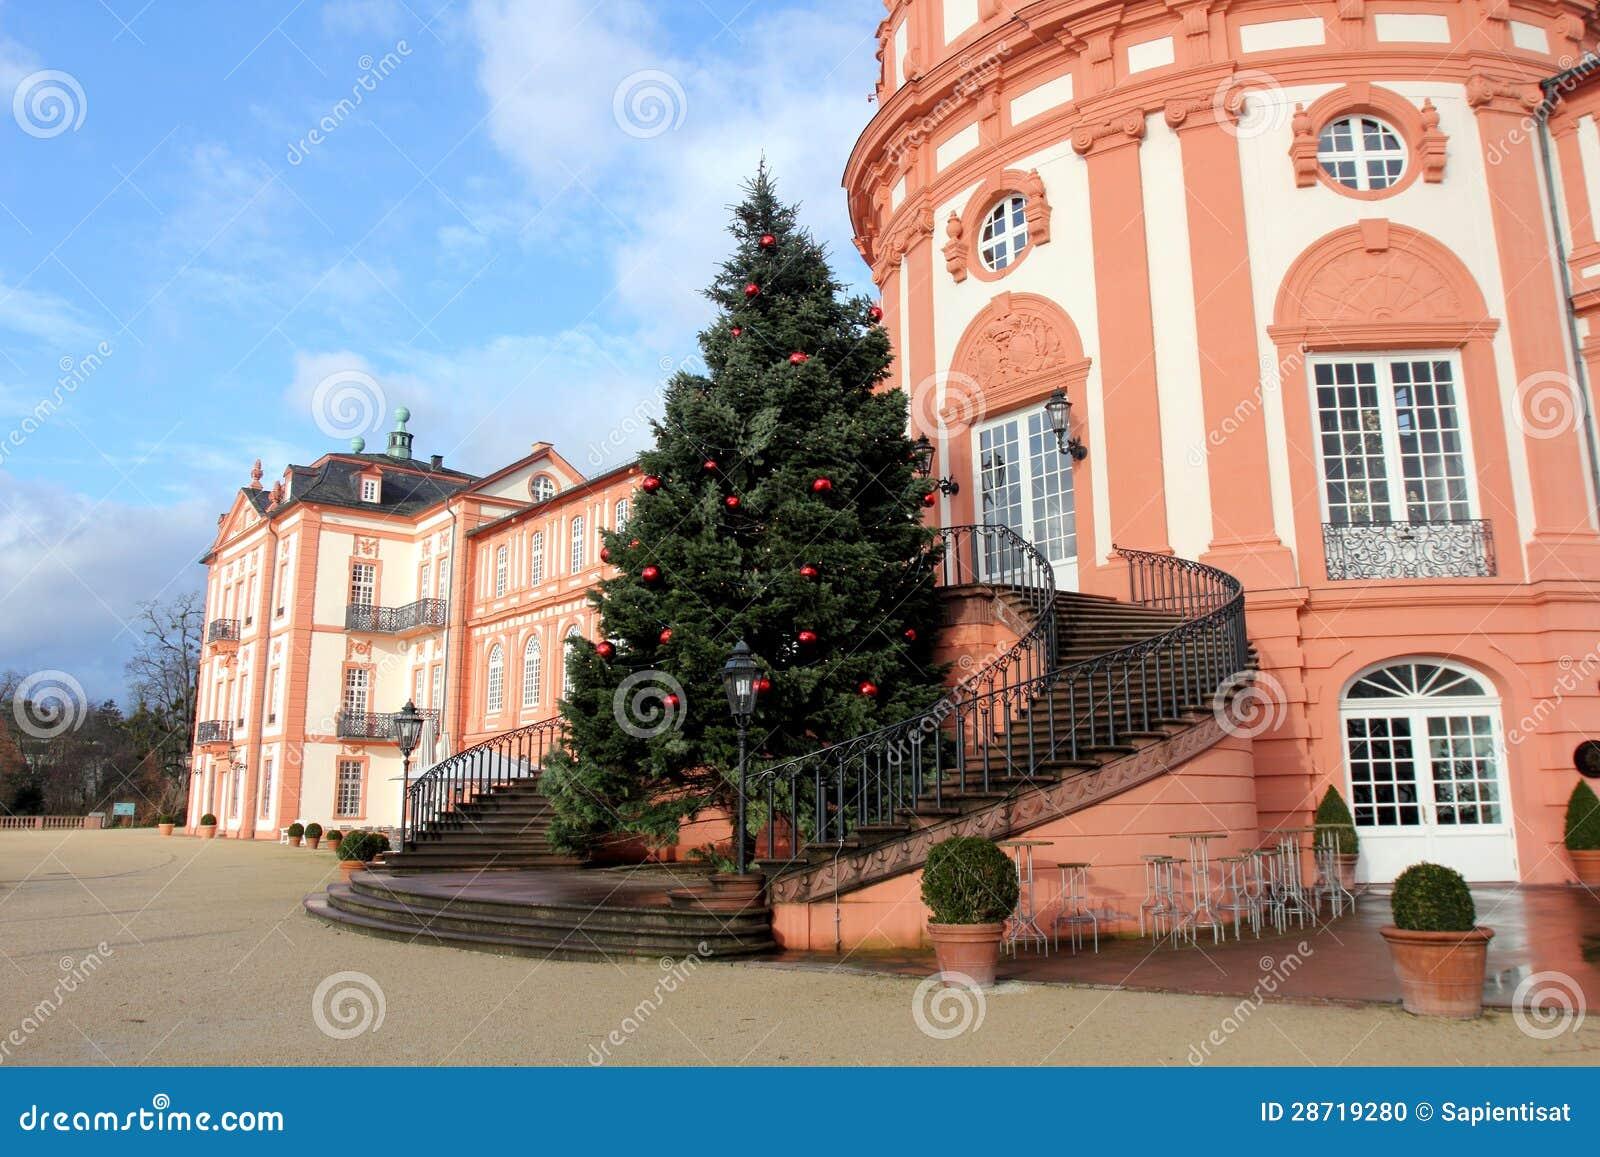 Weihnachten in Wiesbaden